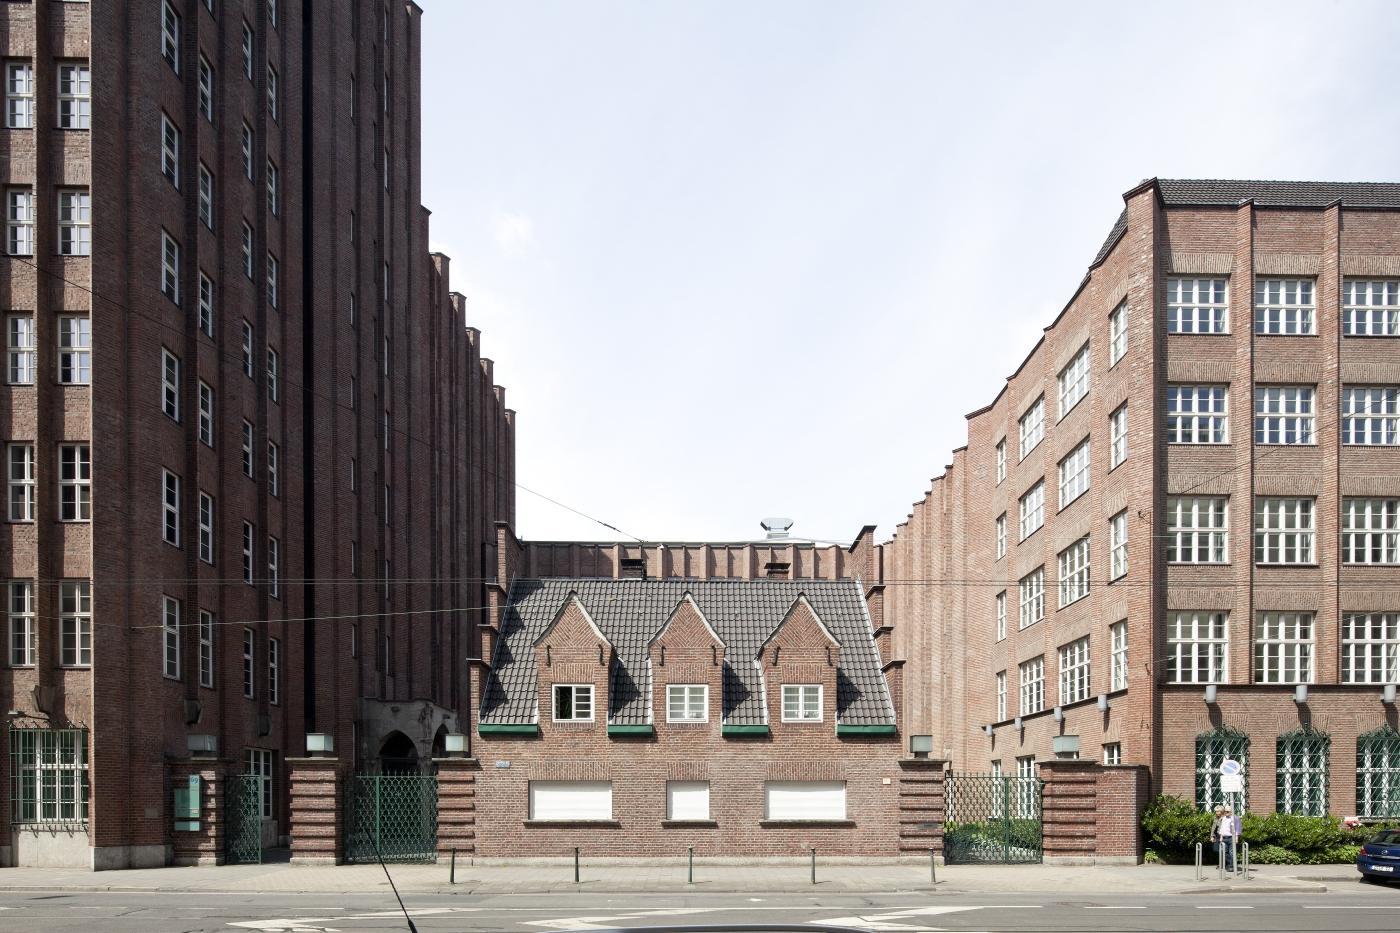 Architektur Dã¼Sseldorf | Neuer Stahlhof Dusseldorf Dusseldorf Architektur Baukunst Nrw